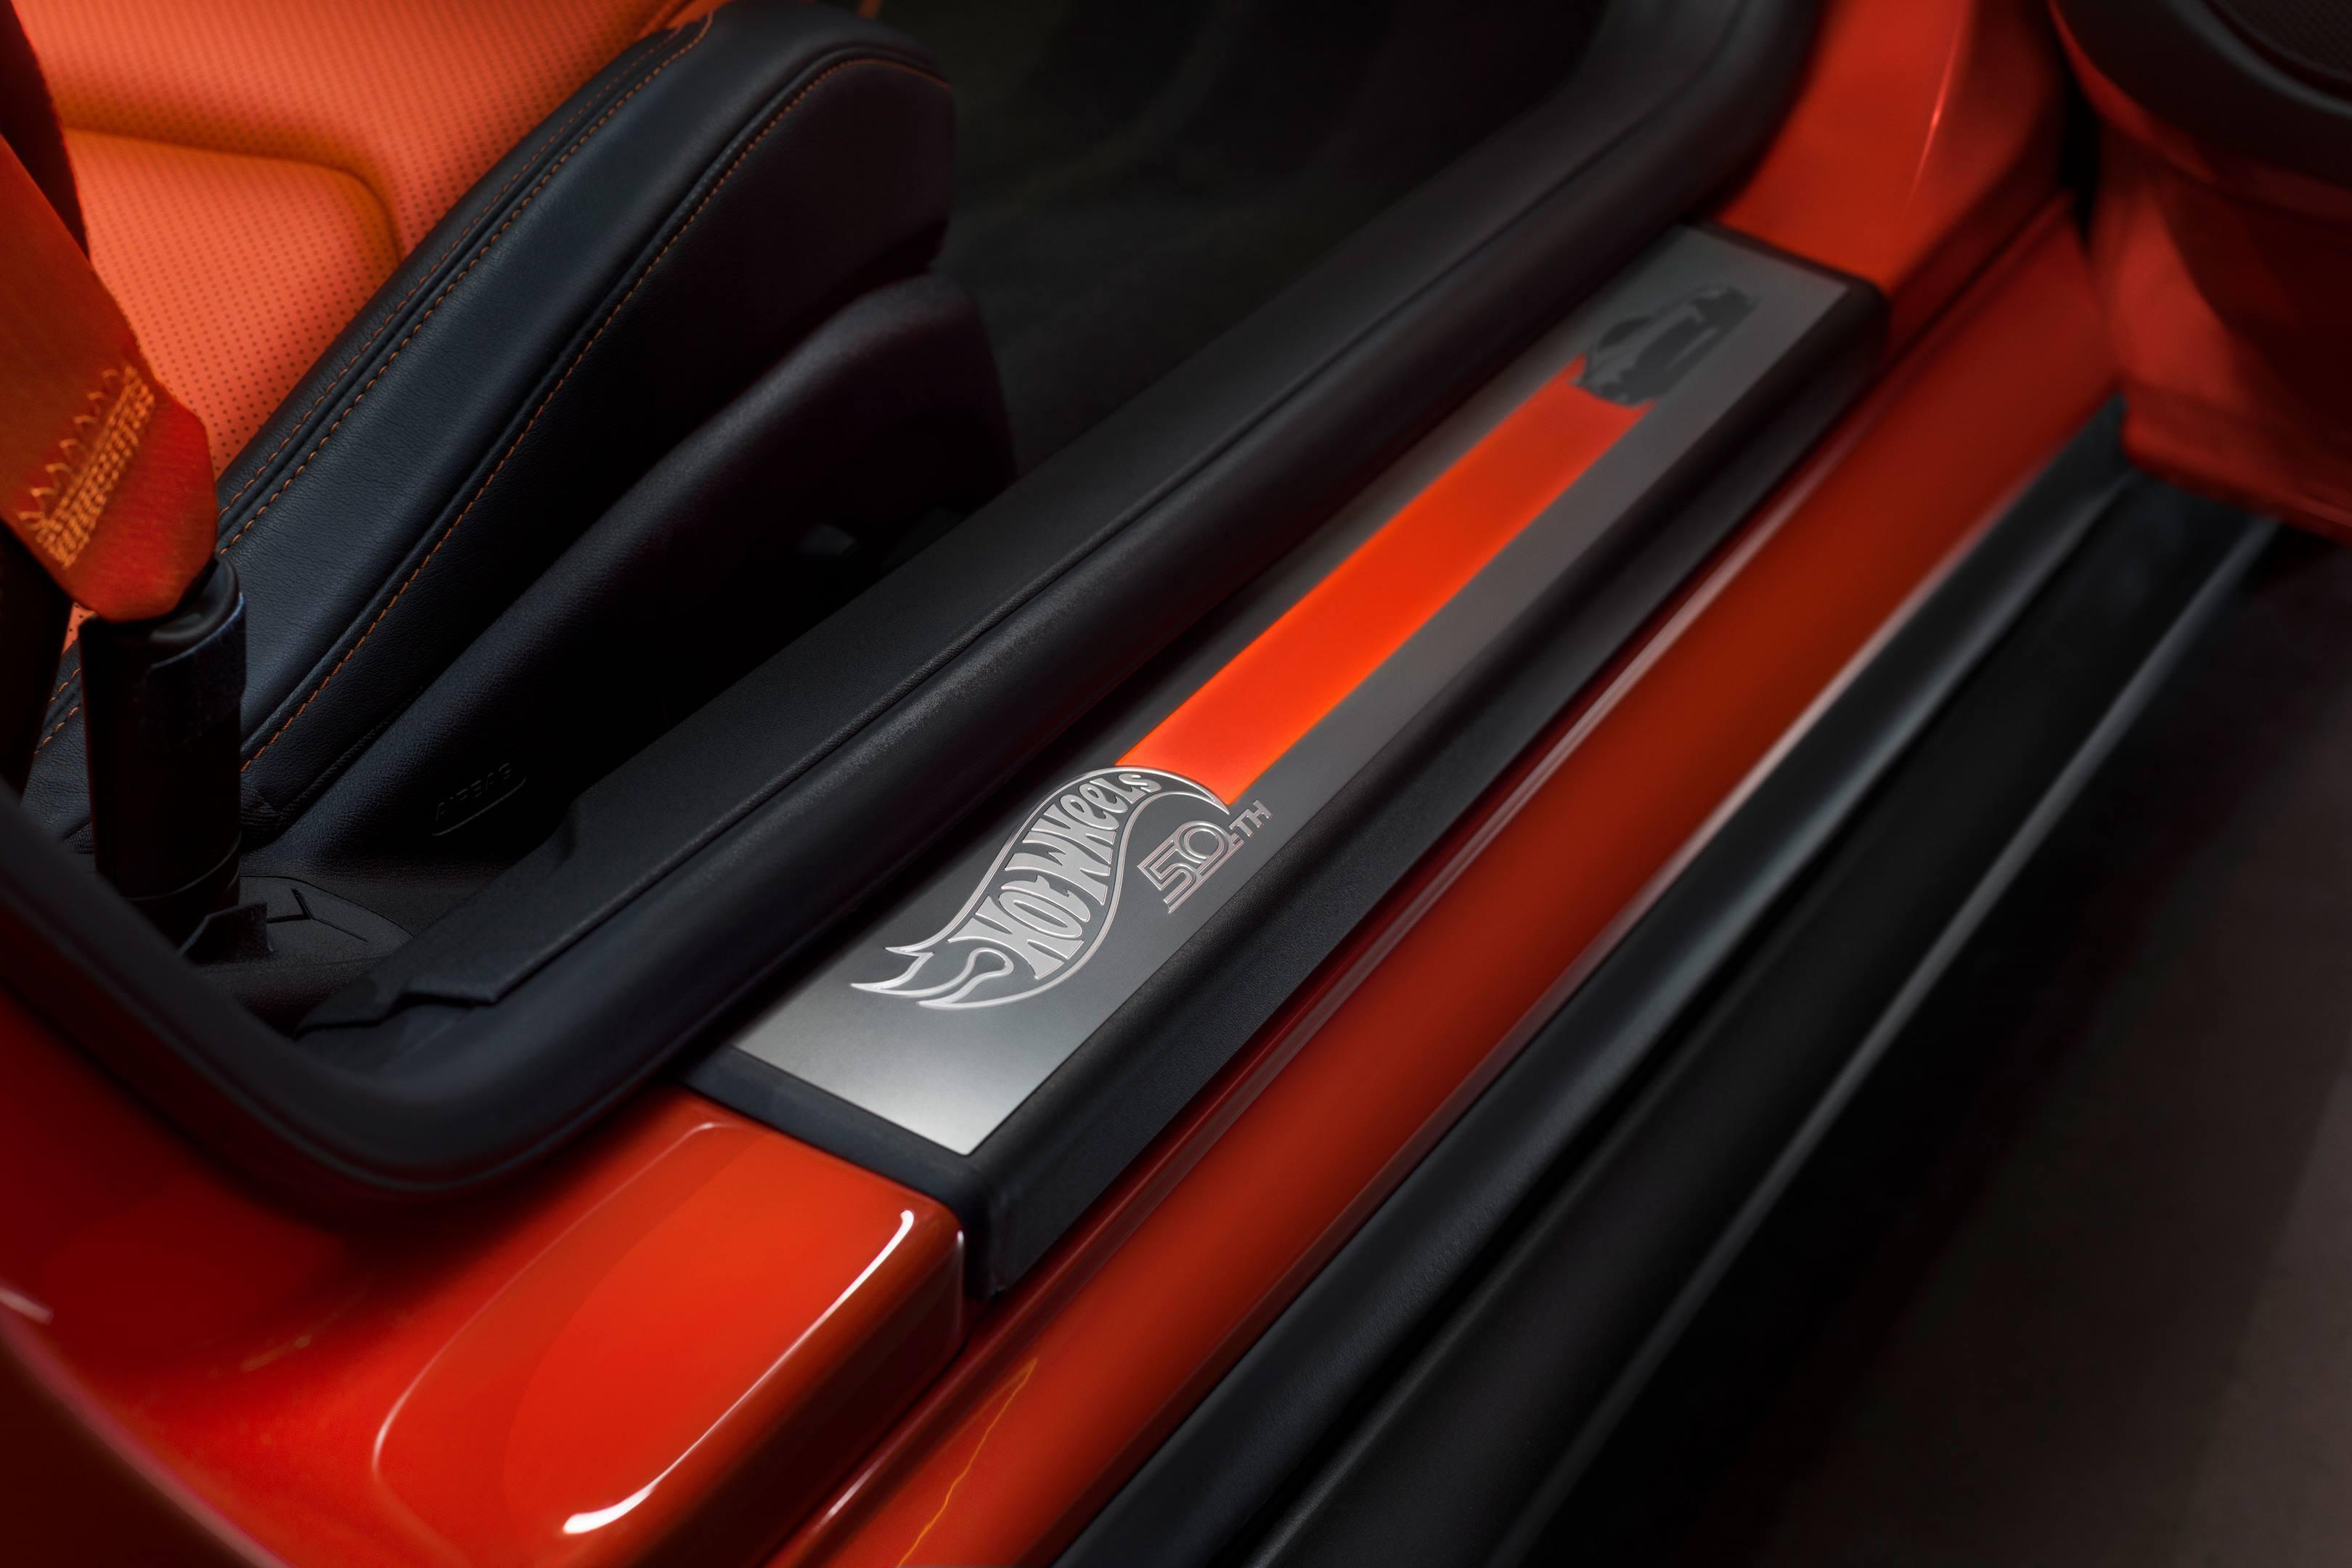 2017 SEMA Chevrolet Hot Wheels Camaro running board detail